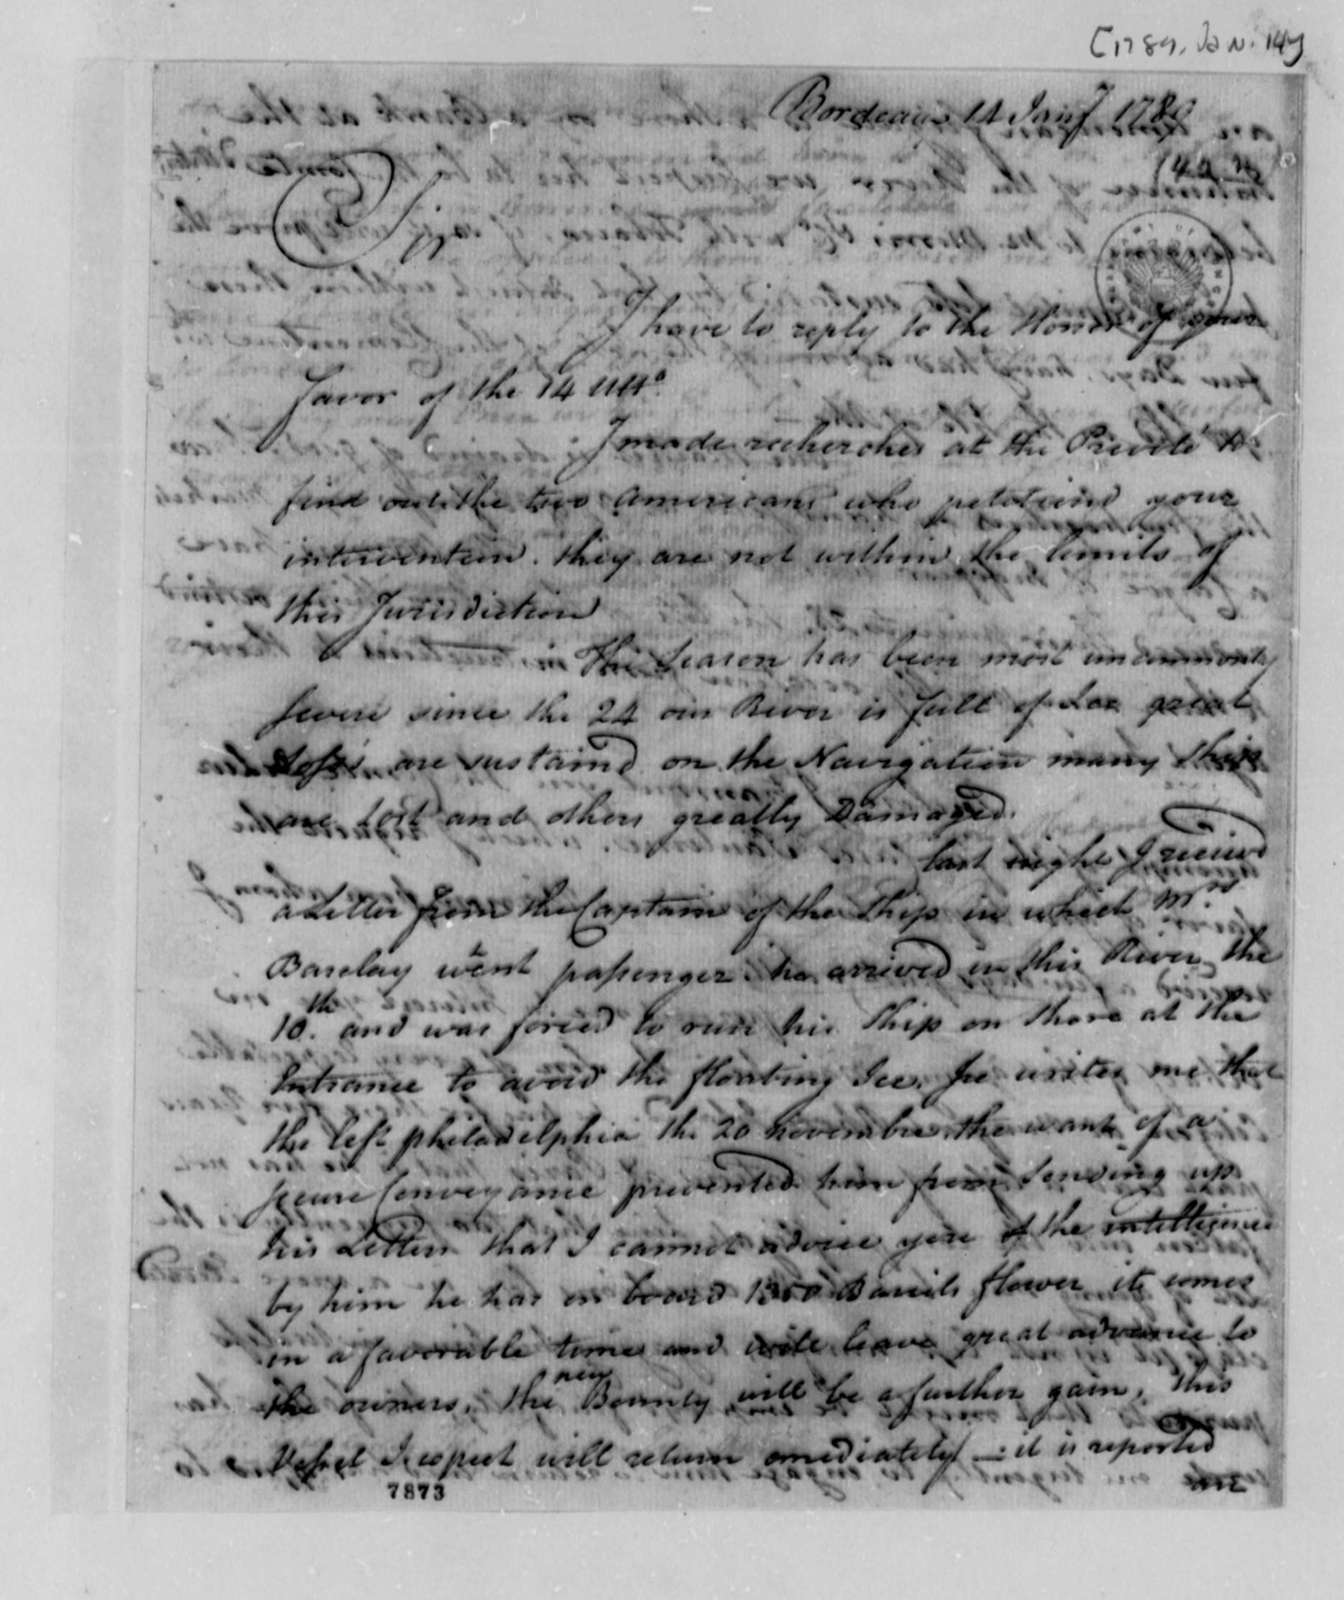 John Bondfield to Thomas Jefferson, January 14, 1789